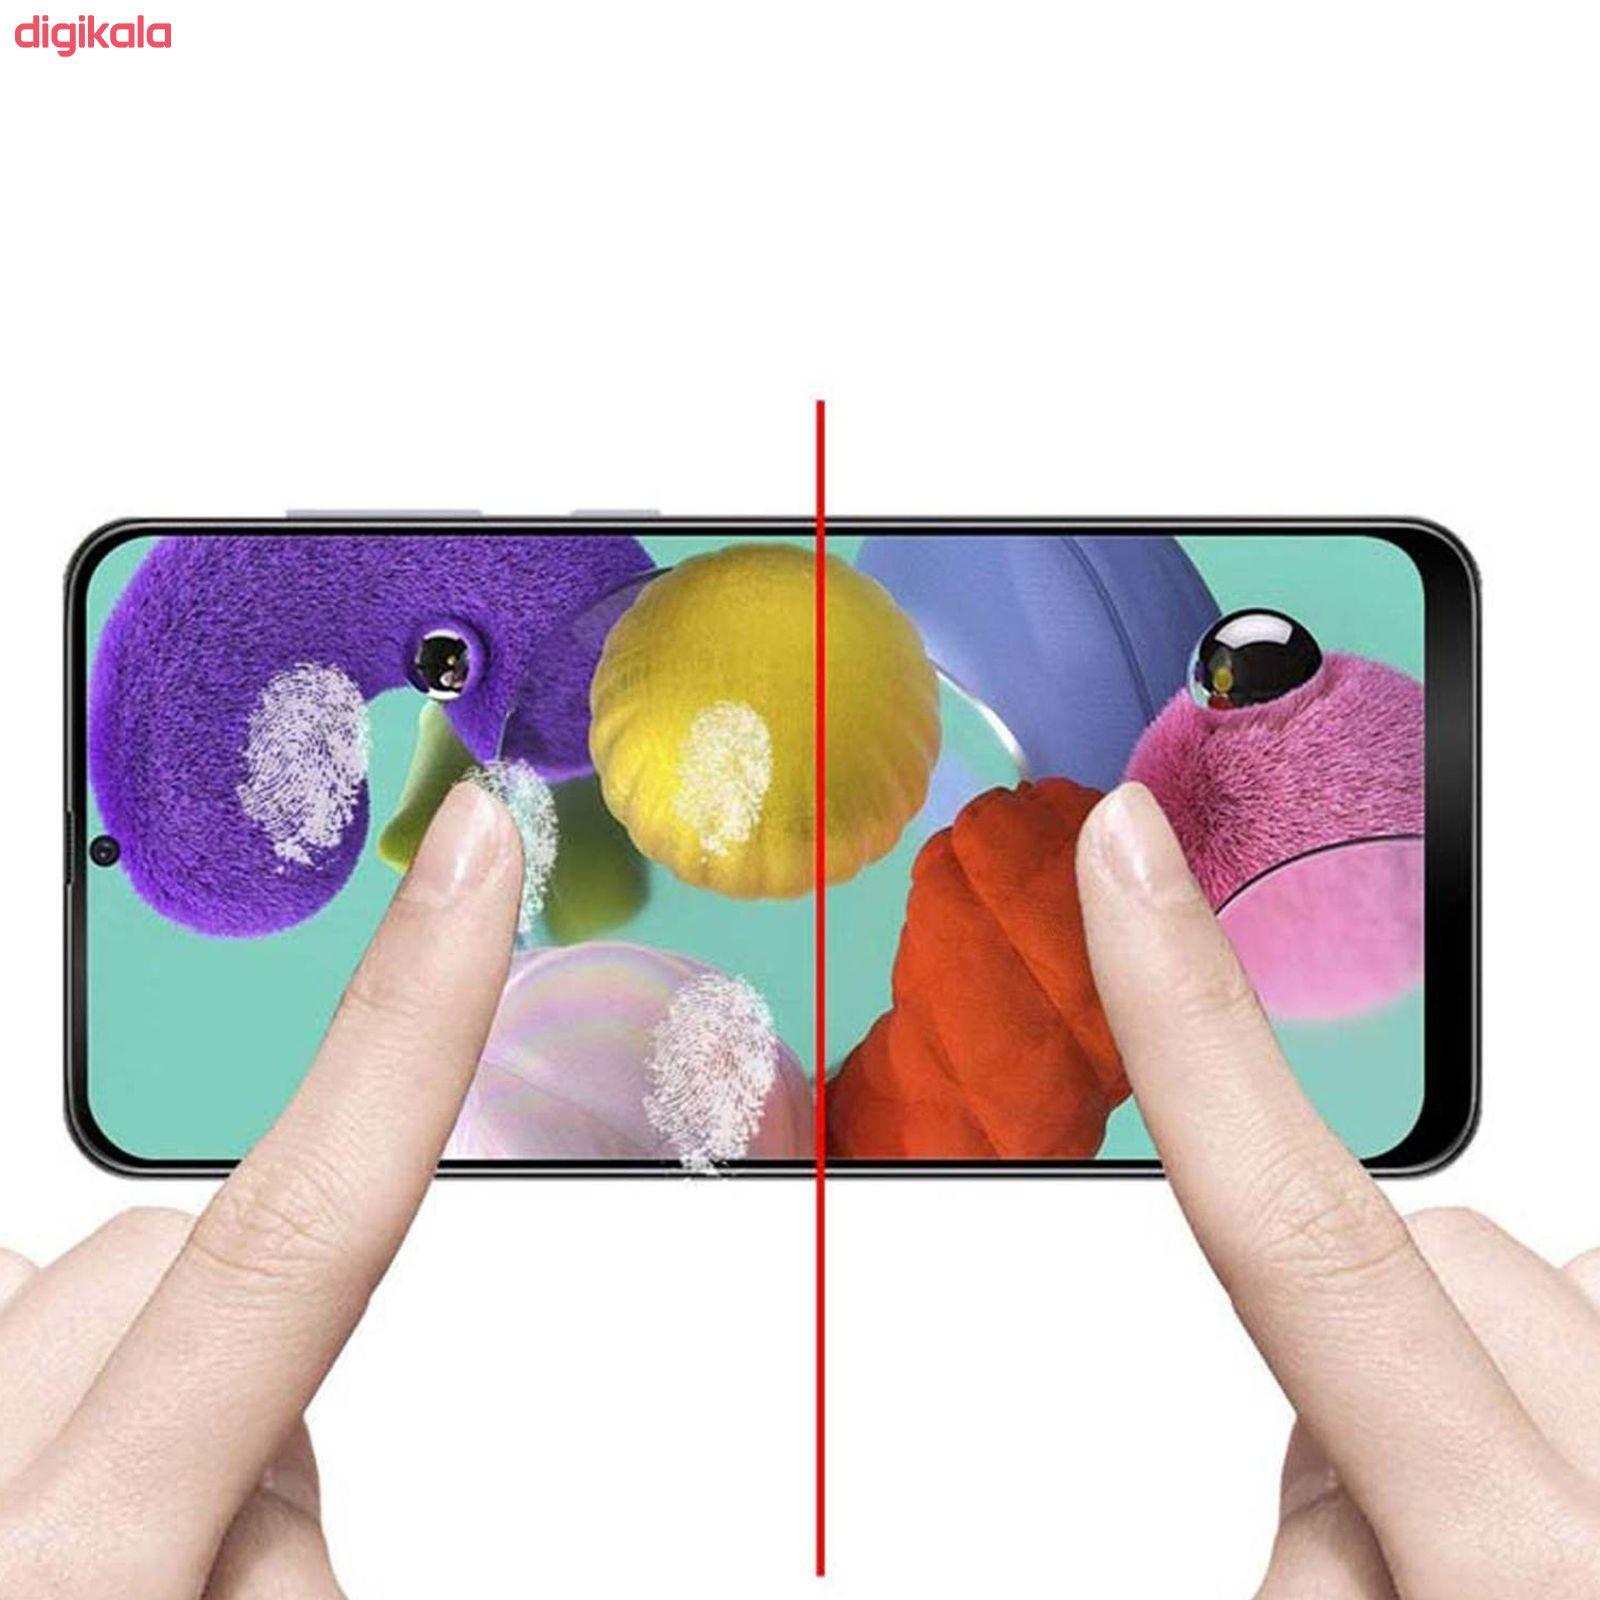 محافظ صفحه نمایش مدل e63 مناسب برای گوشی موبایل سامسونگ Galaxy A50/A30s/A50s  main 1 3